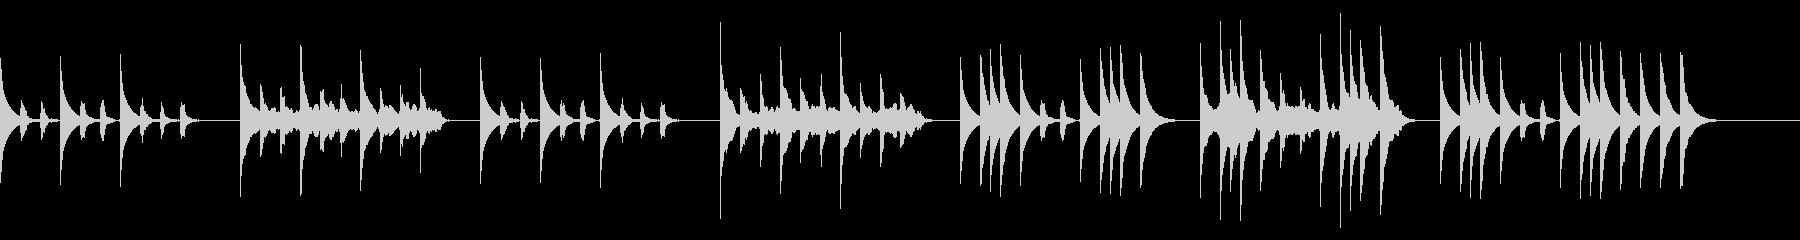 メルヘンチックな曲/朝、子供、ペットの未再生の波形